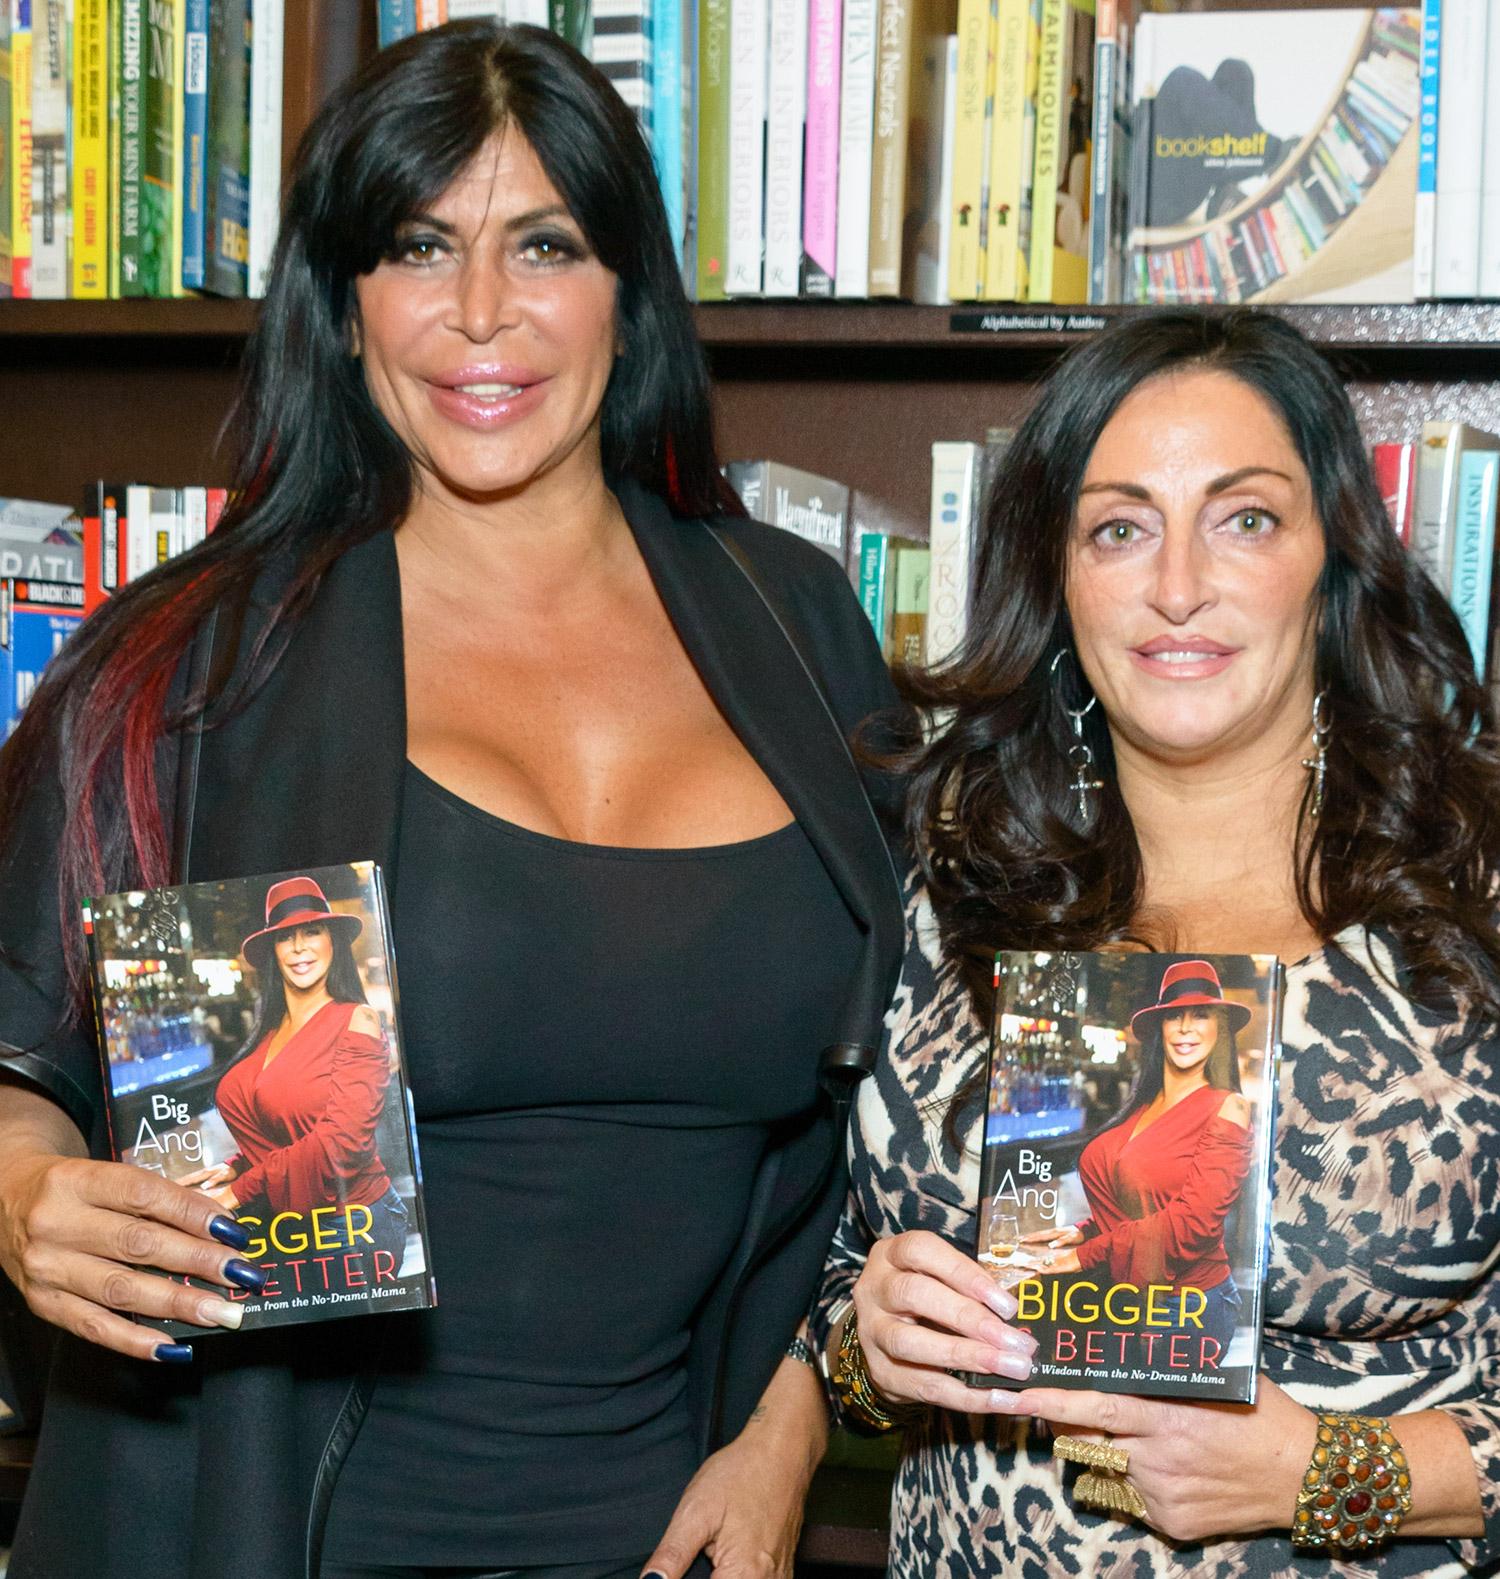 'Big Ang' Raiola and Janine Detore